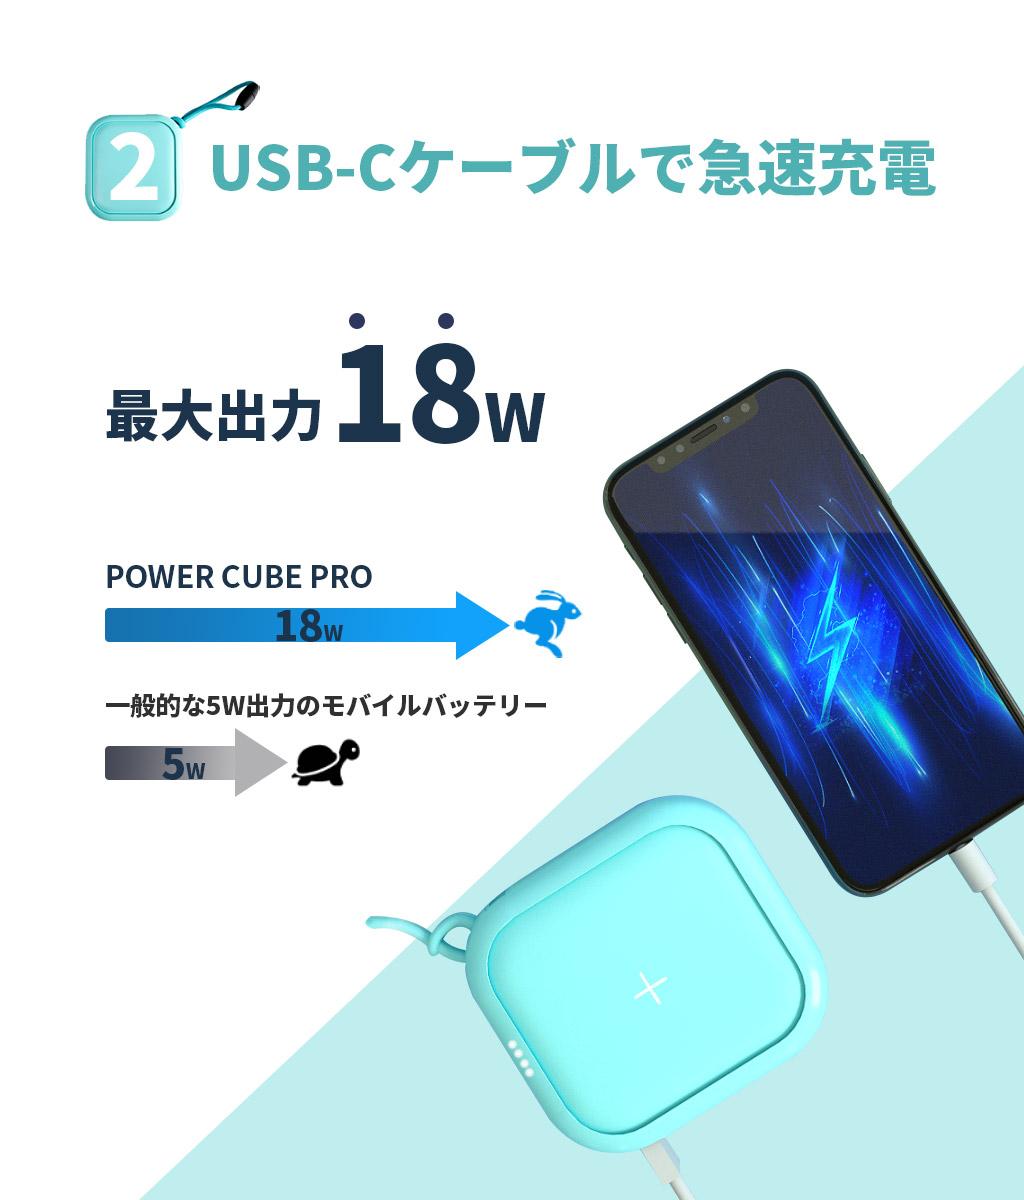 USB-Cケーブルで急速充電